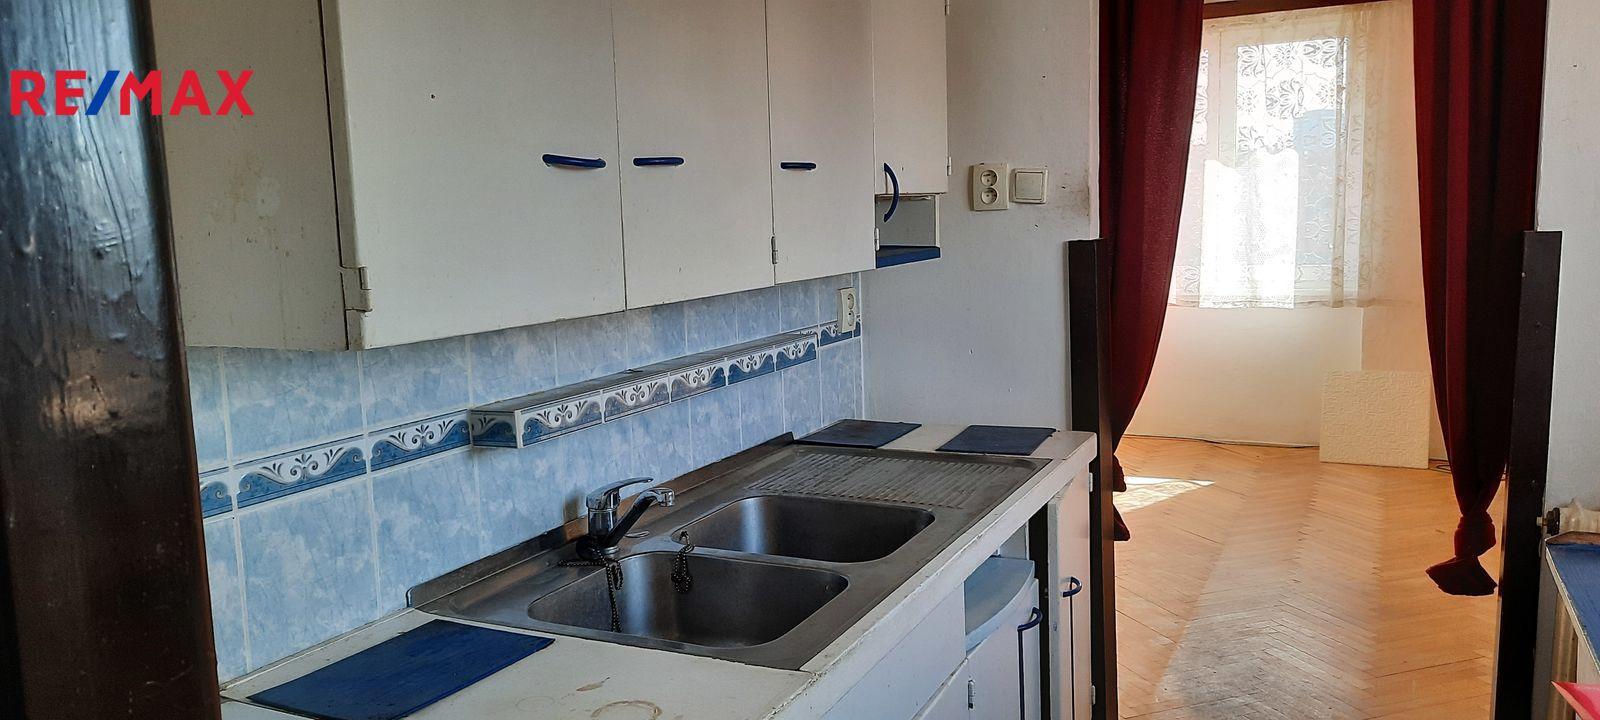 Prodej bytu 3+1 v osobním vlastnictví 54 m², Praha 4 - Záběhlice (